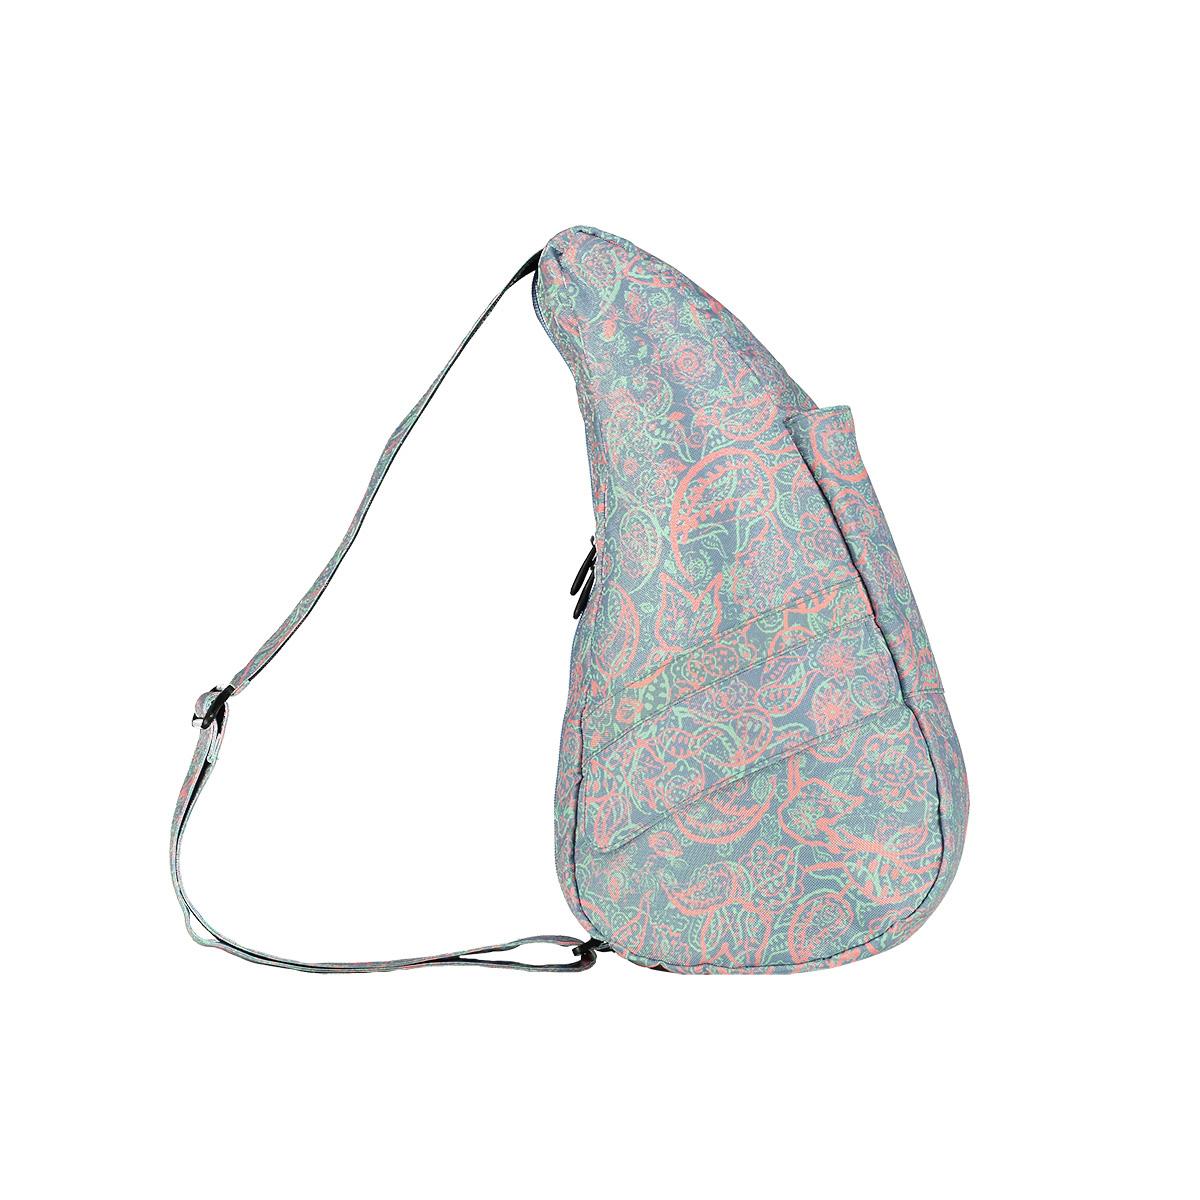 Healthy Back Bag/ヘルシーバックバッグ/ショルダーバッグ/ボディバッグ/旅行バッグ/軽量/レディース/メンズ 《限定ポーチ付》 公式ストア ヘルシーバックバッグ プリント Sサイズ ペイズリー ミスティーブルー